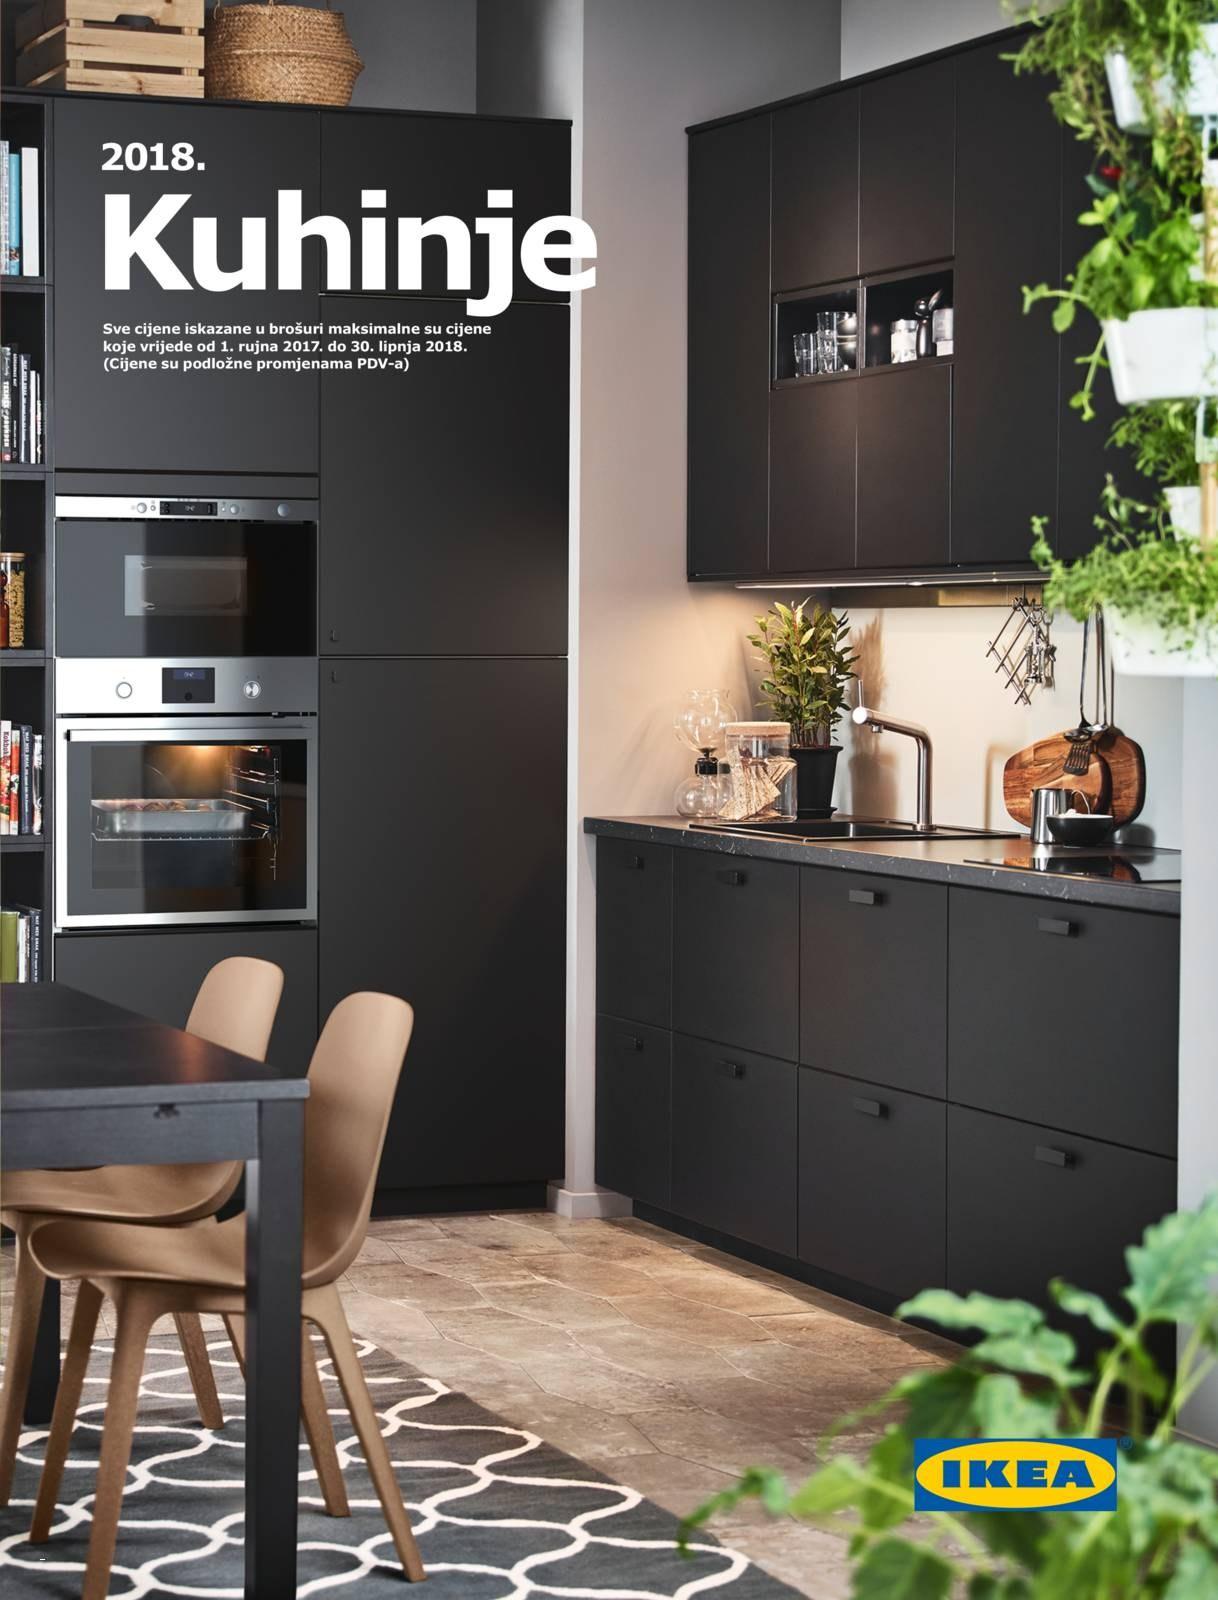 Ikea Cuisine Laxarby Beau Collection Cuisine Metod Ikea Incroyable Ikea Kuhinje 2018 Design De Maison